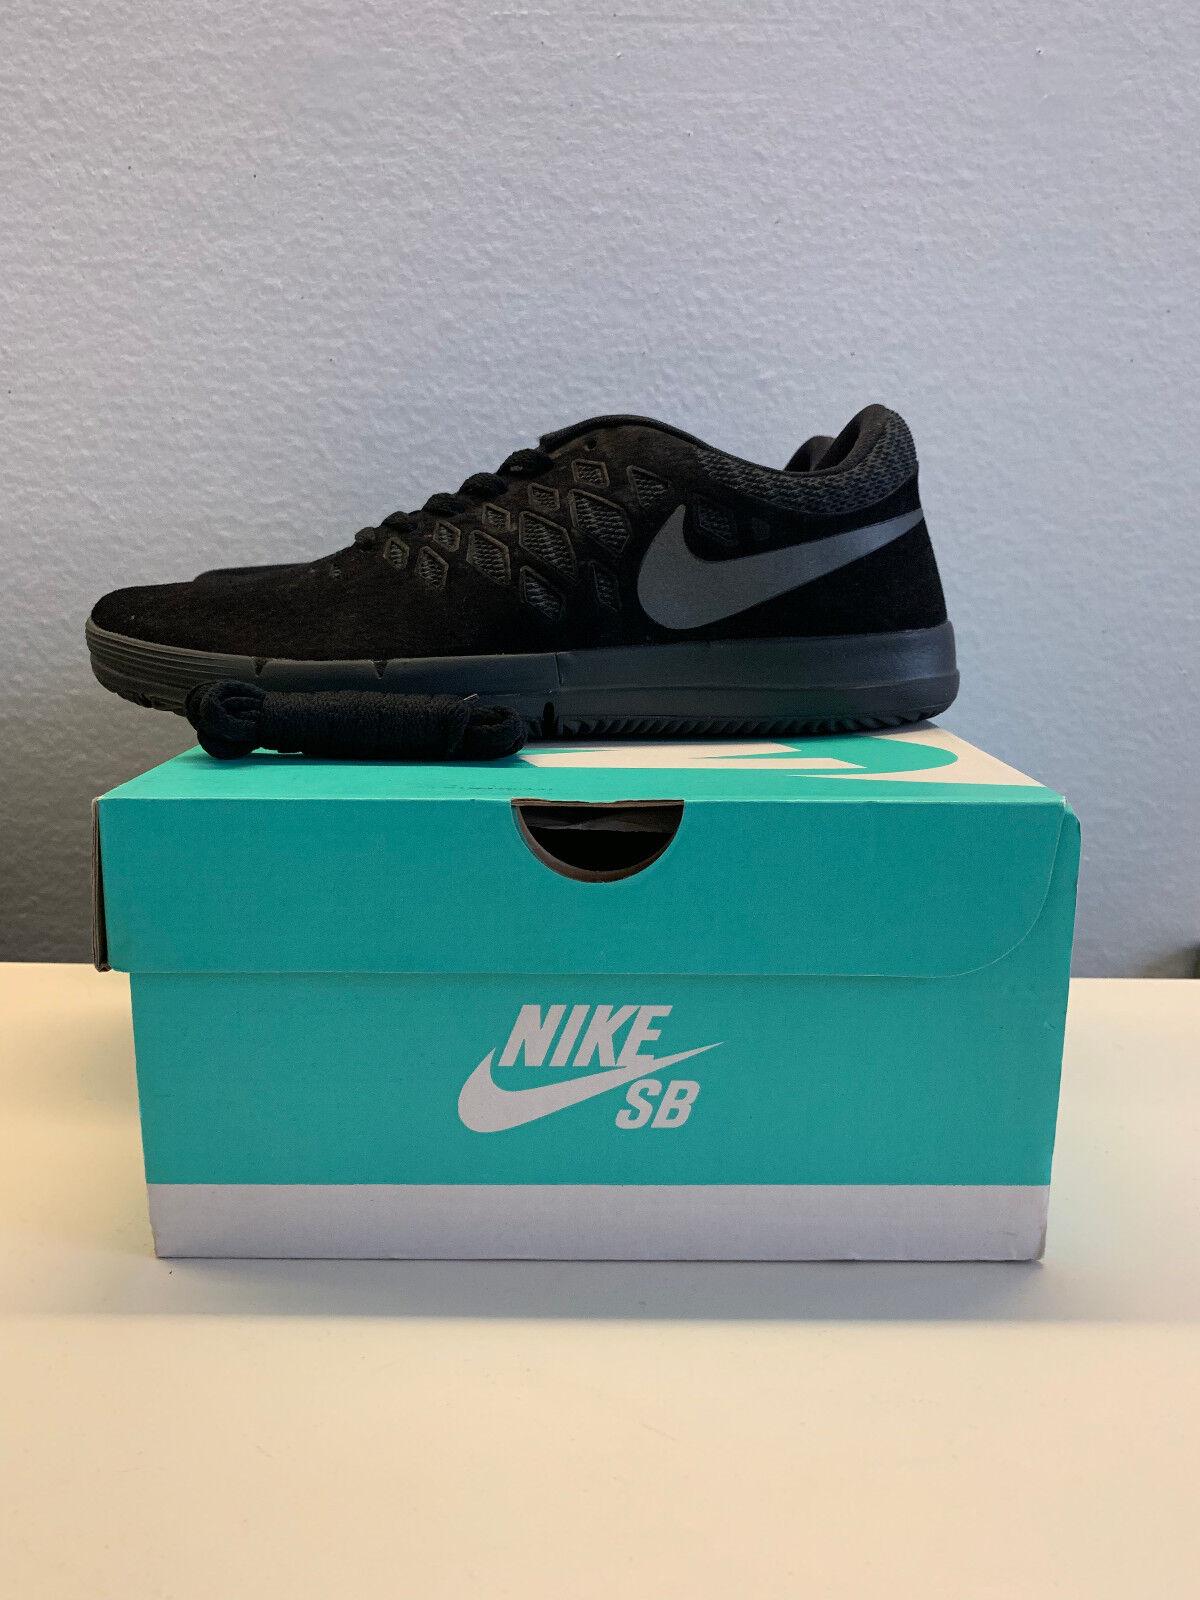 NEW Nike Mens Free SB PRM Black Sz 10.5 Cross Training shoes